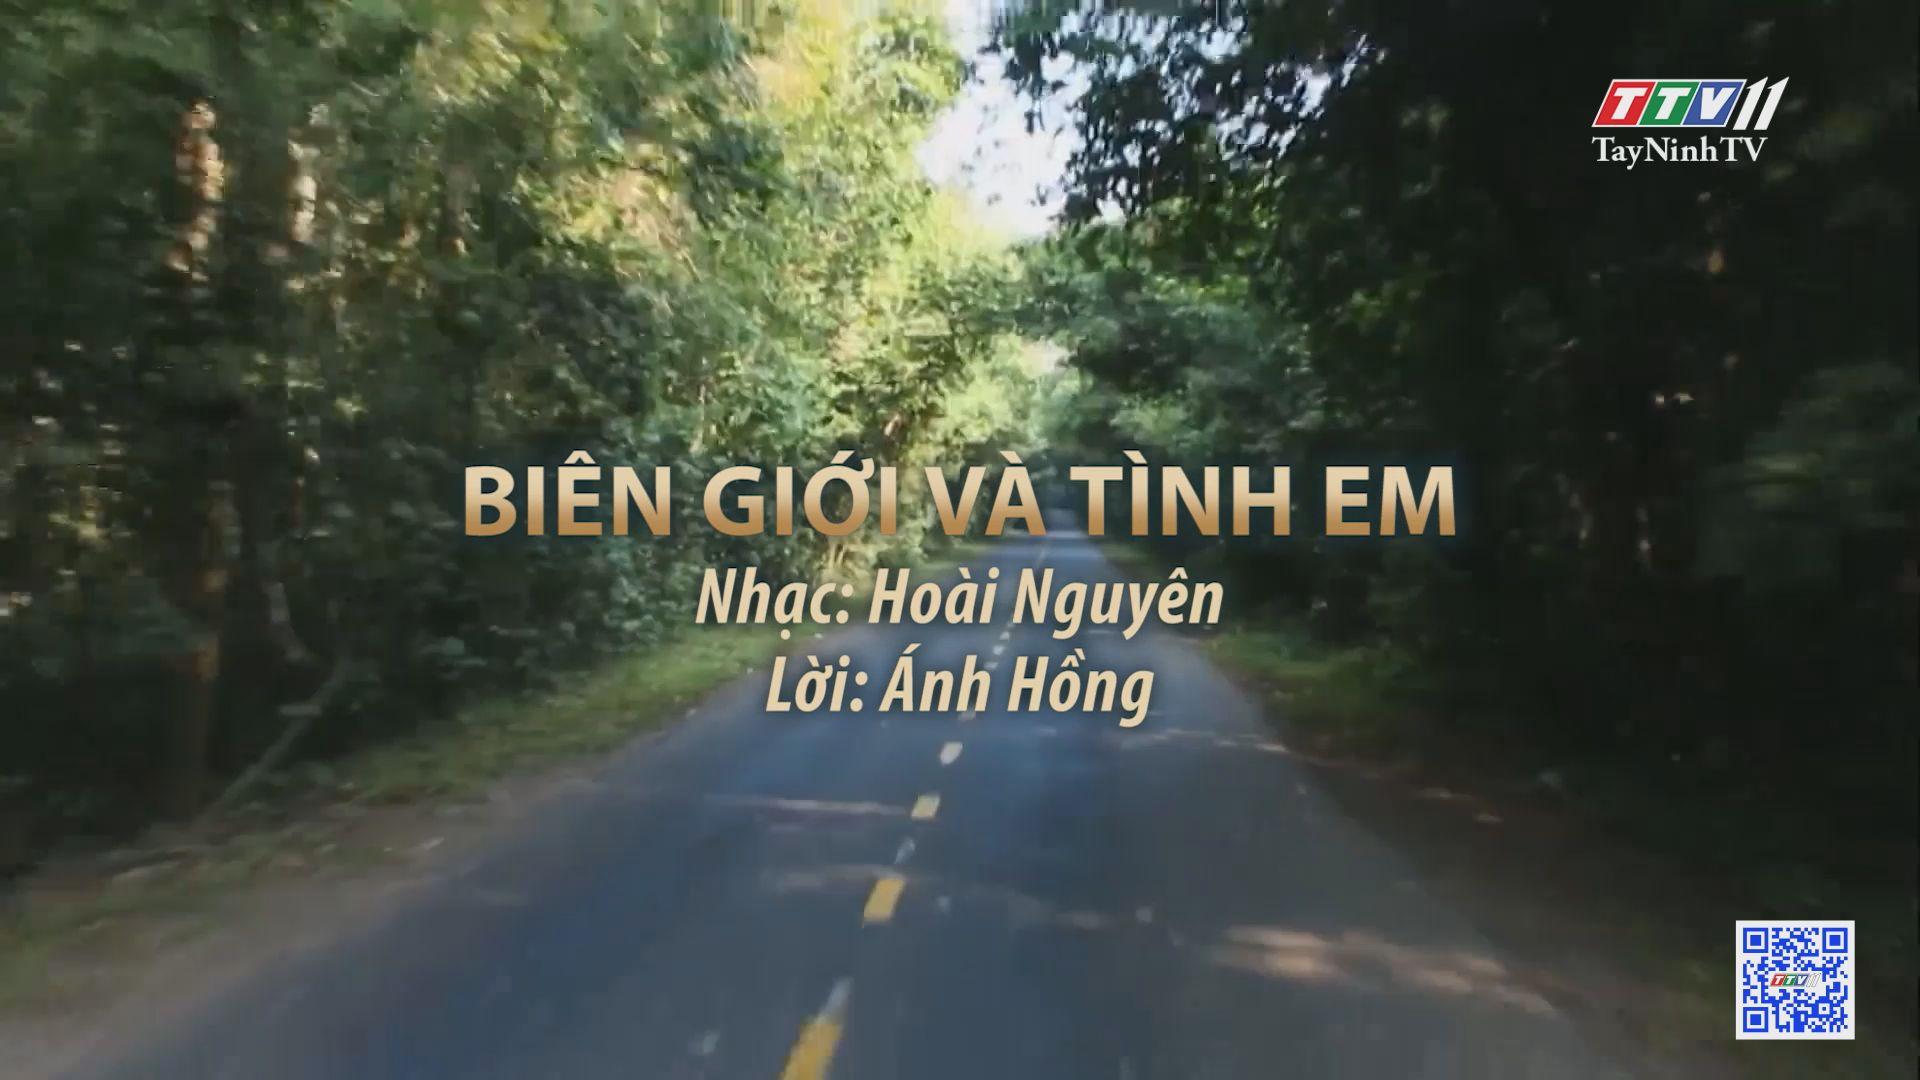 Biên giới và tình em | Tuyển tập karaoke Tây Ninh tình yêu trong tôi | TayNinhTV